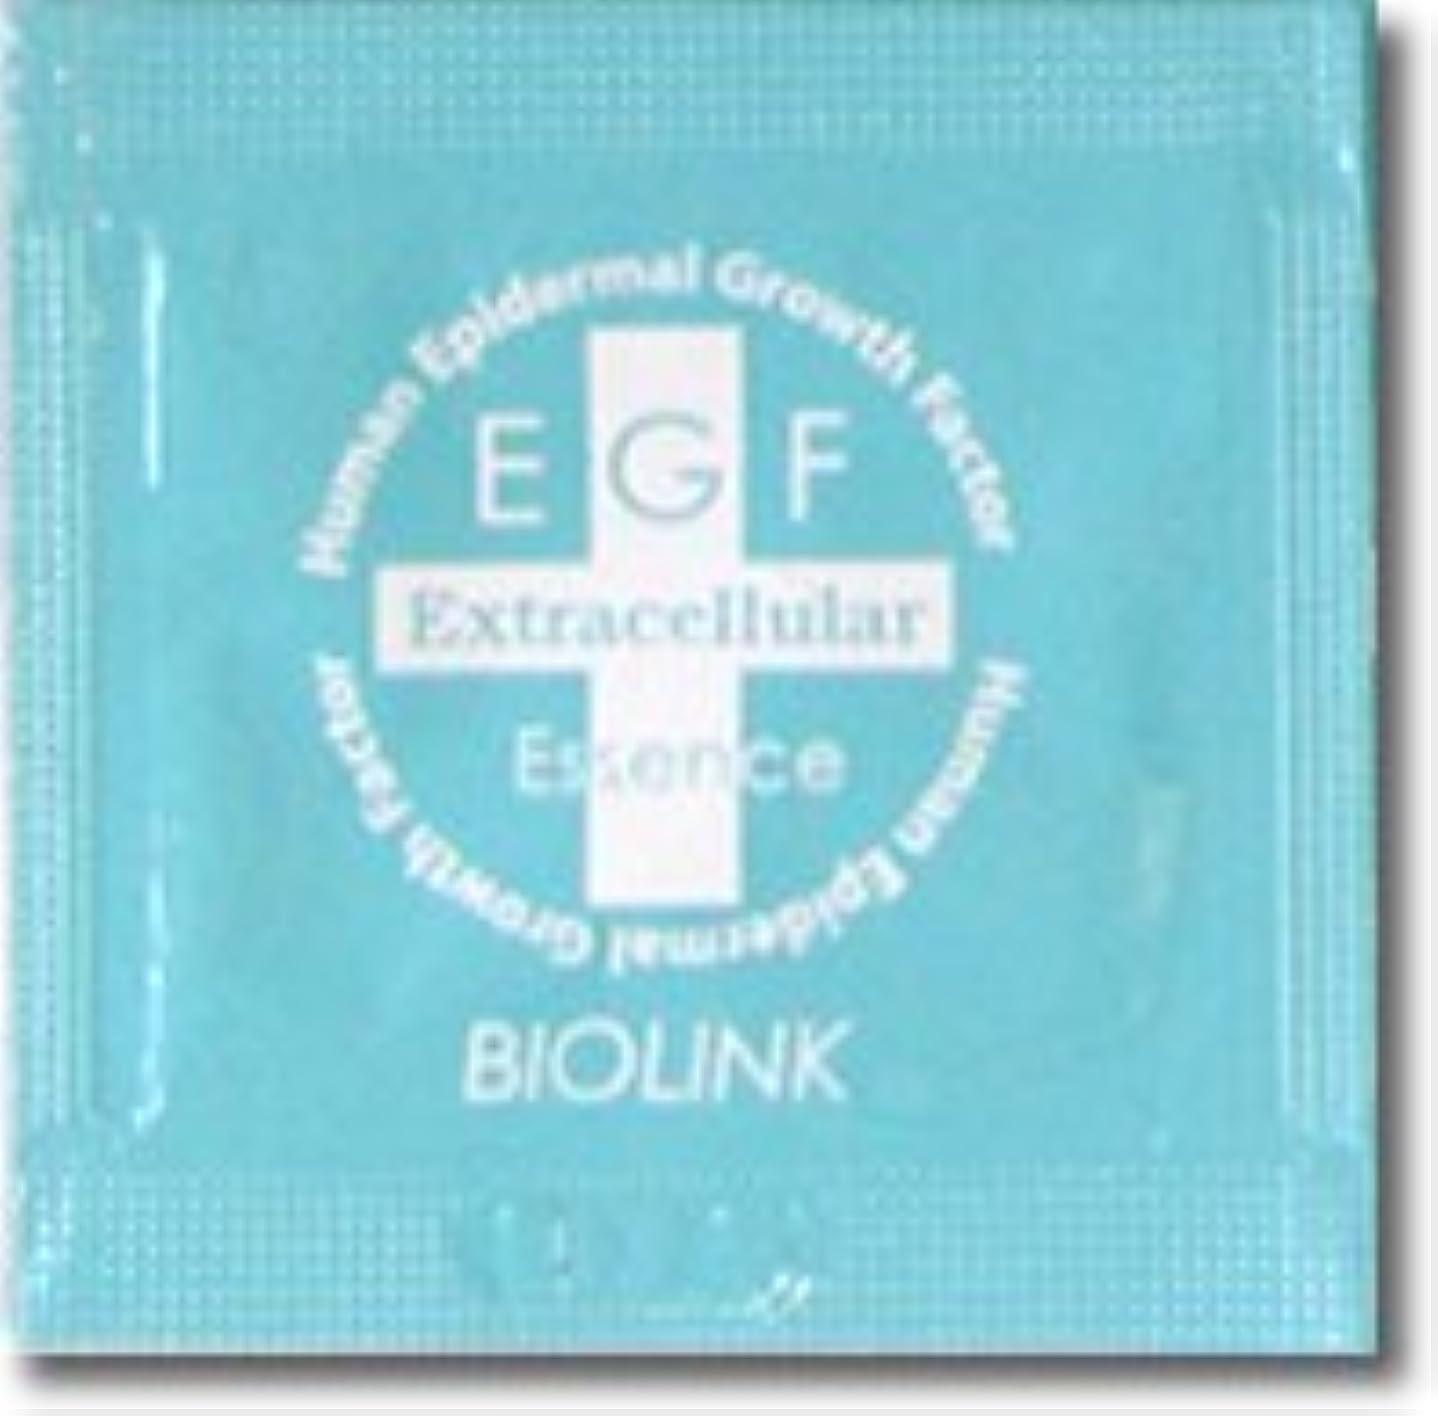 内側格納酒バイオリンク EGF エクストラエッセンス 分包 100個+10個おまけ付きセット